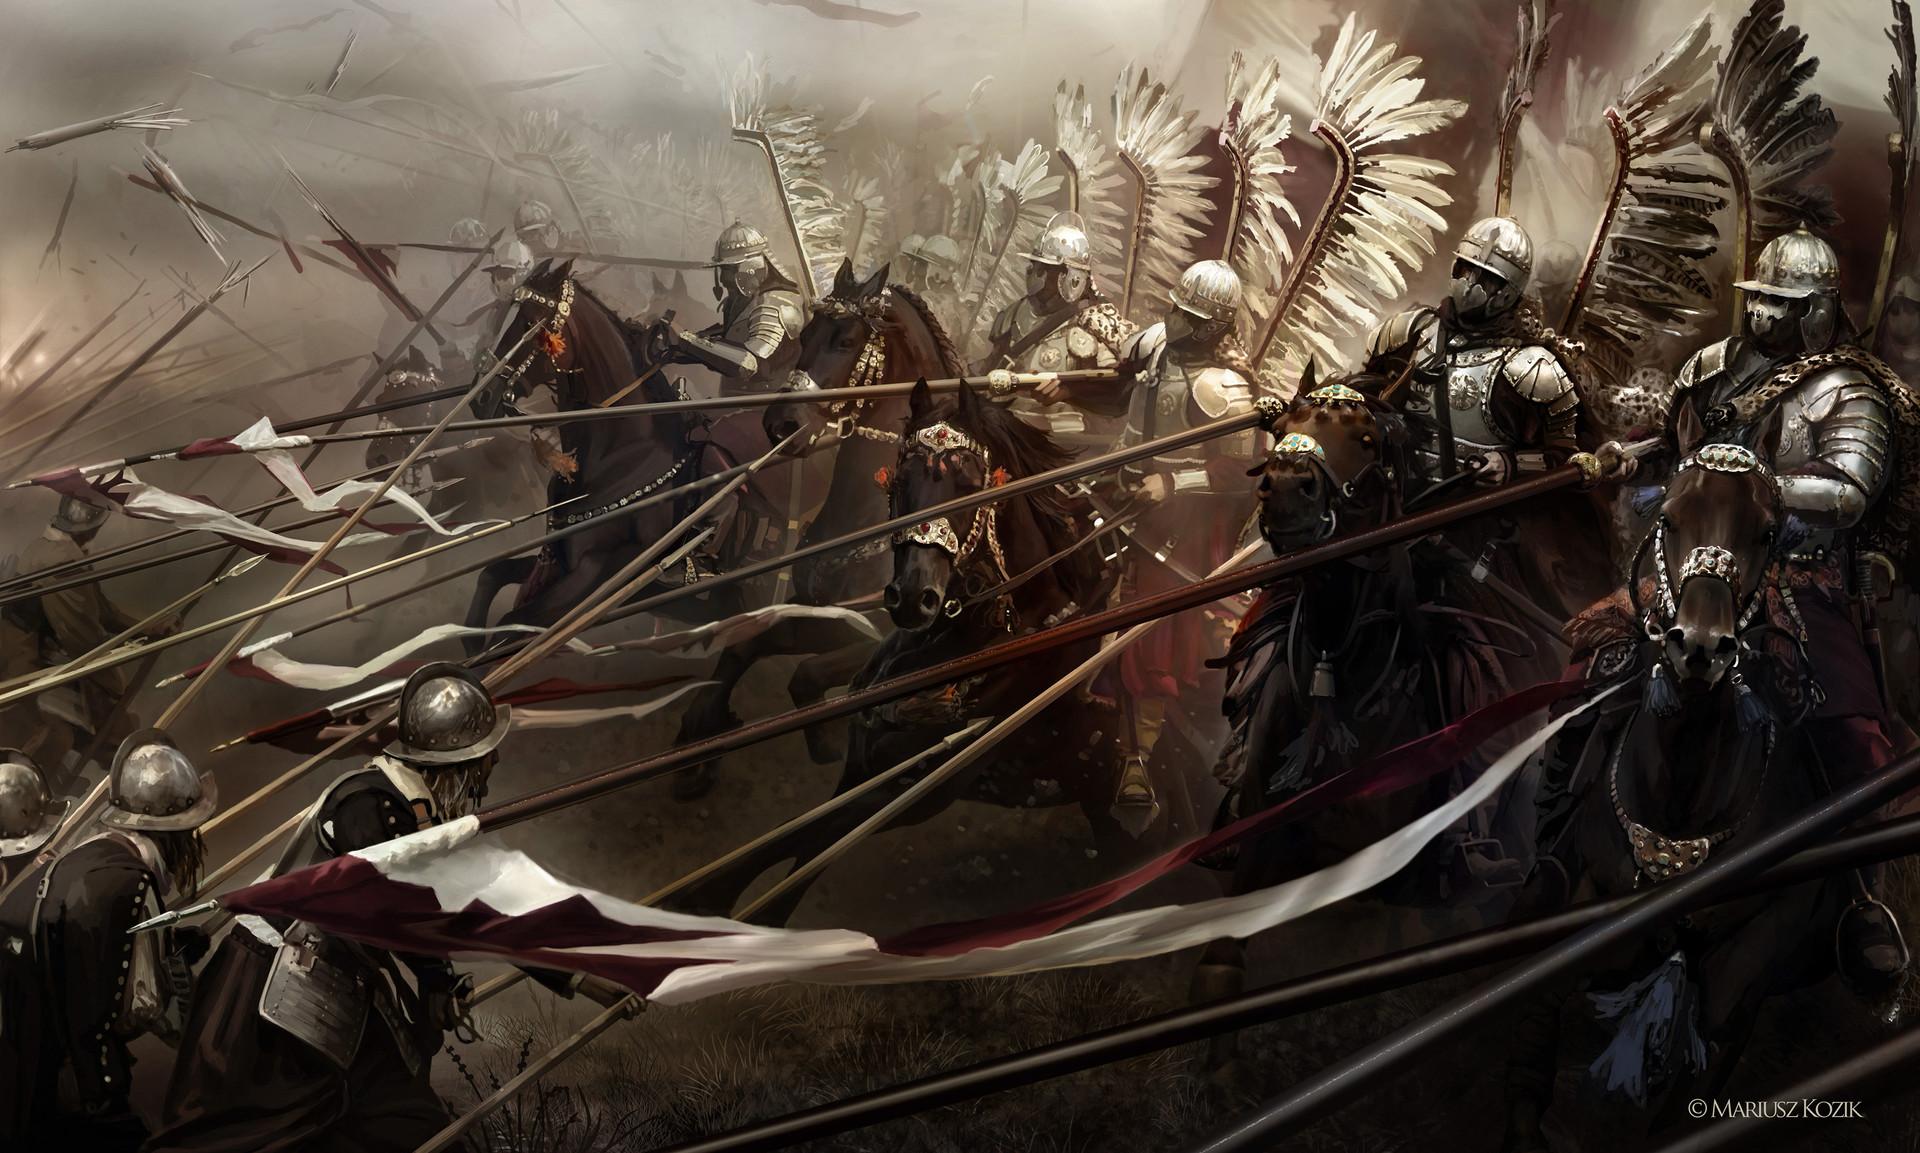 Mariusz kozik bitwa pod kircholmem red